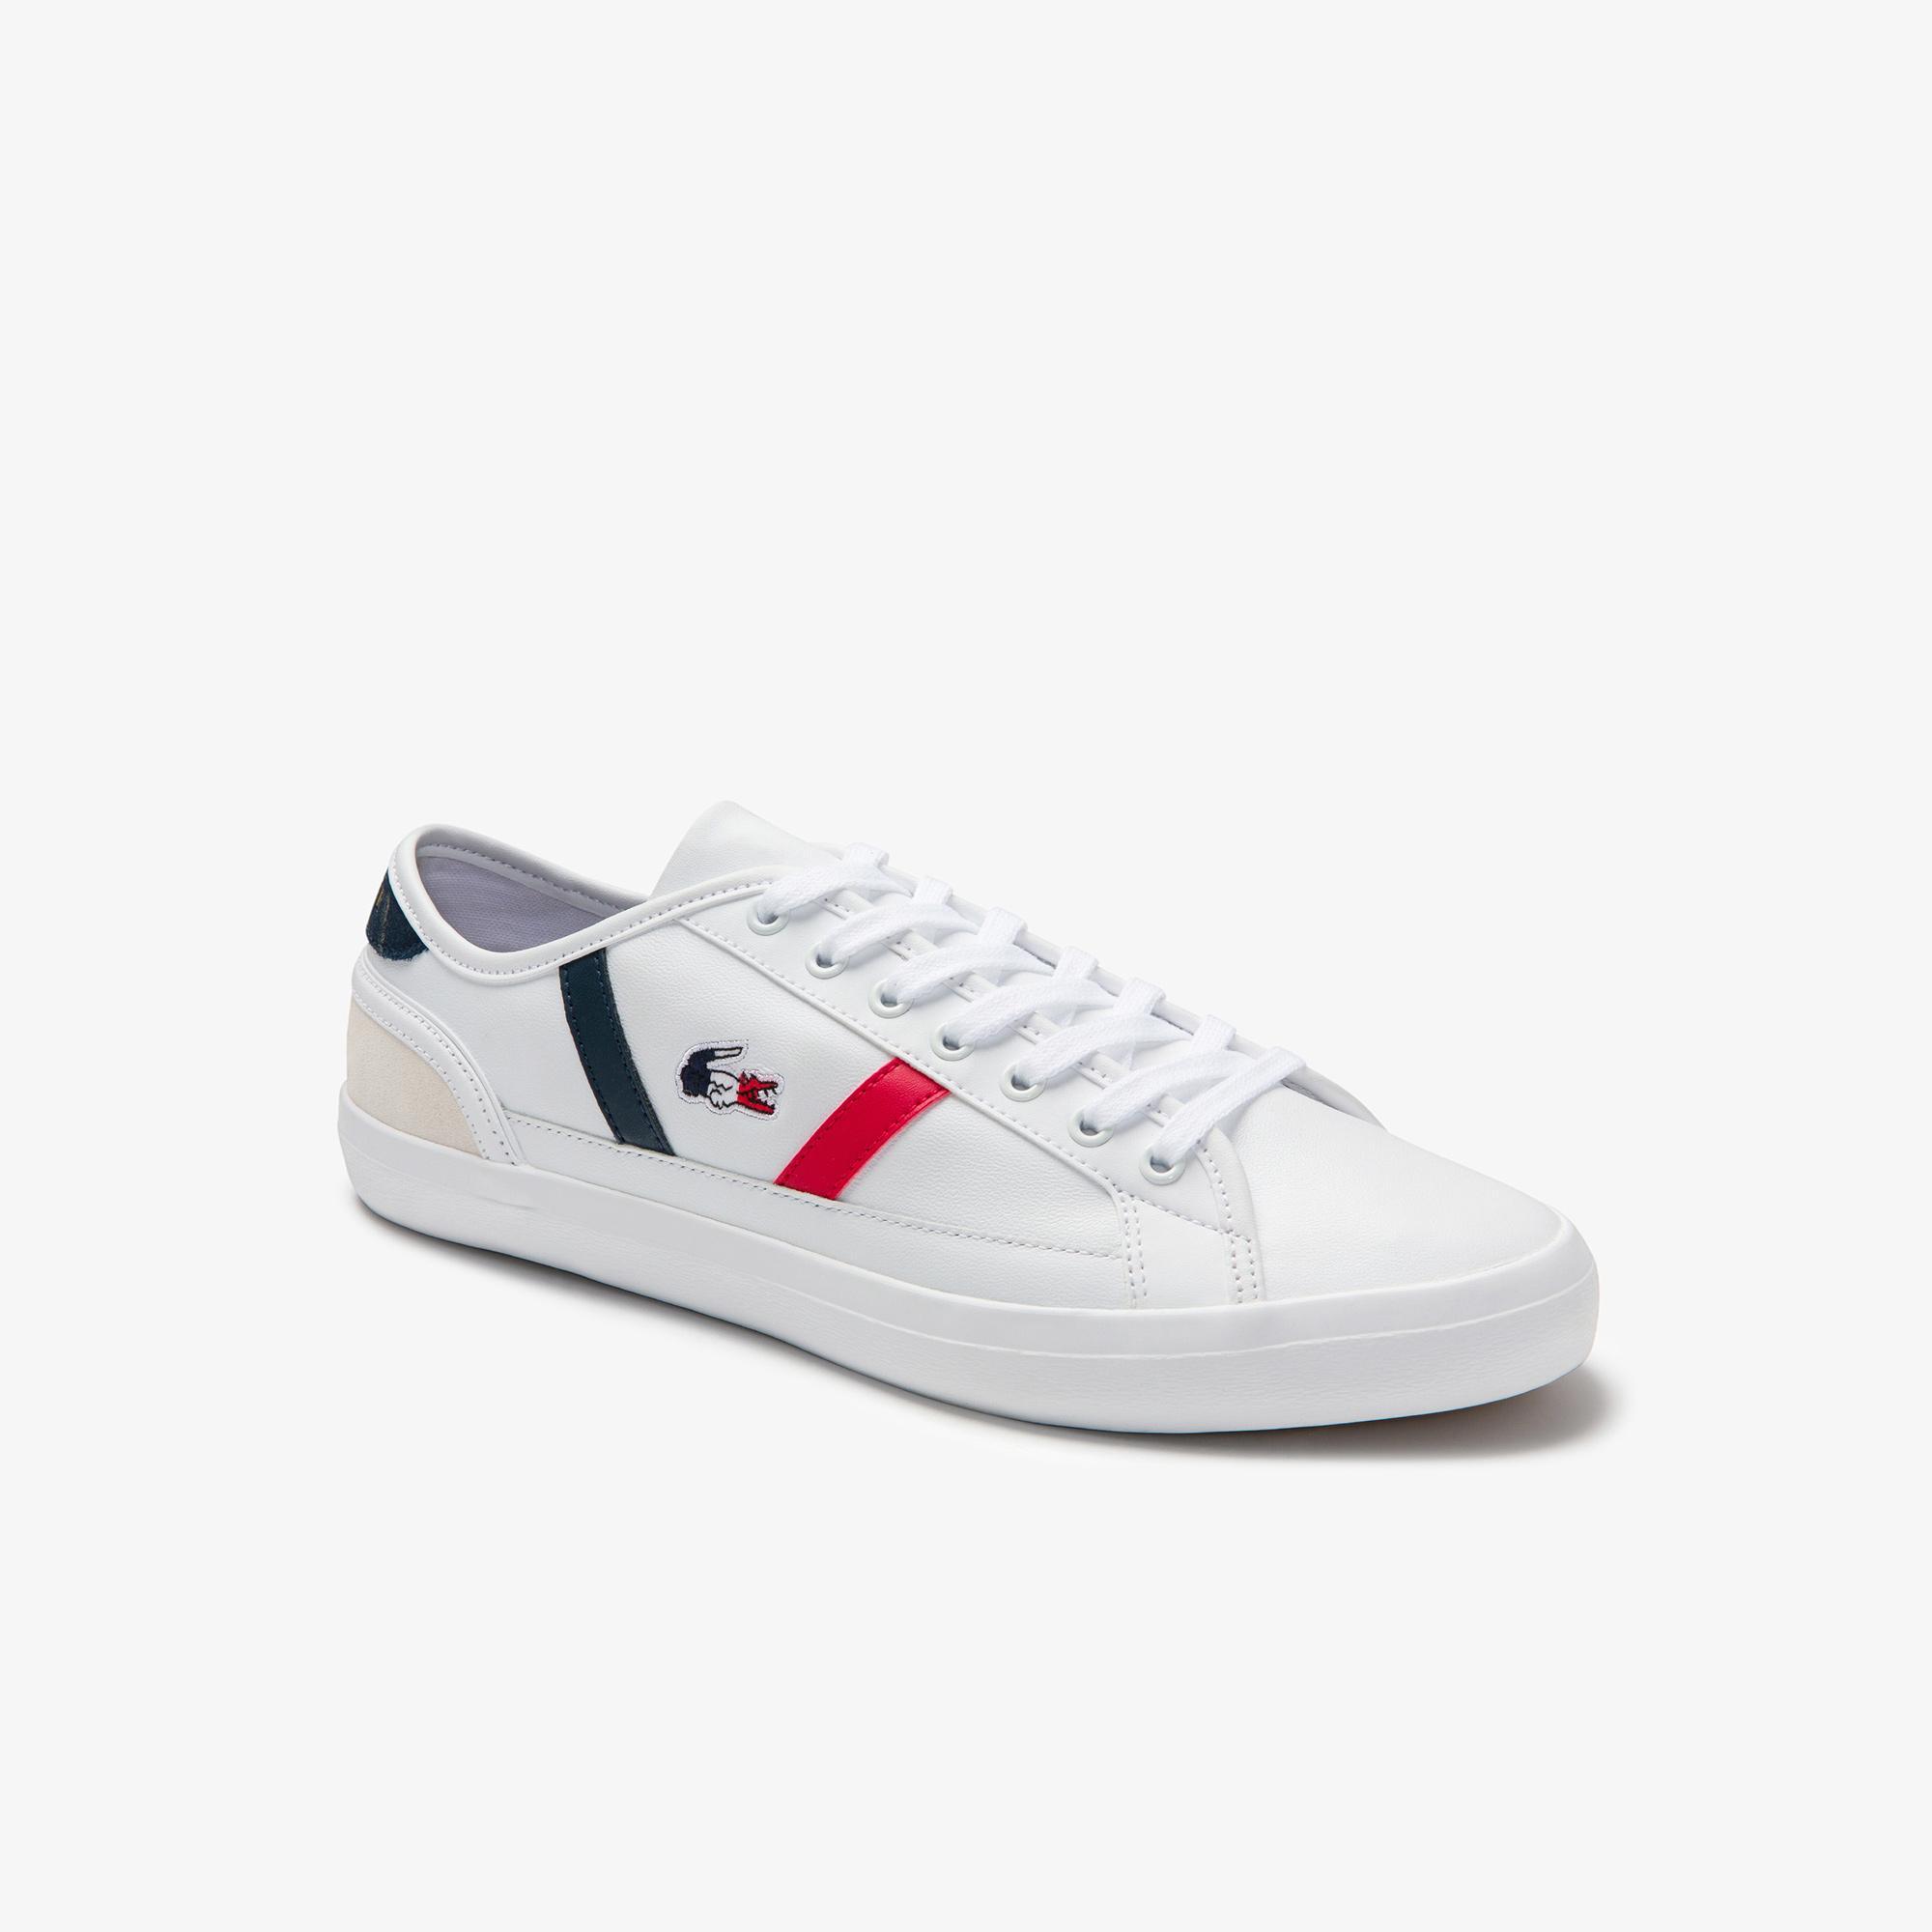 Lacoste Women's Sıdelıne Trı 1 Cfa Shoes